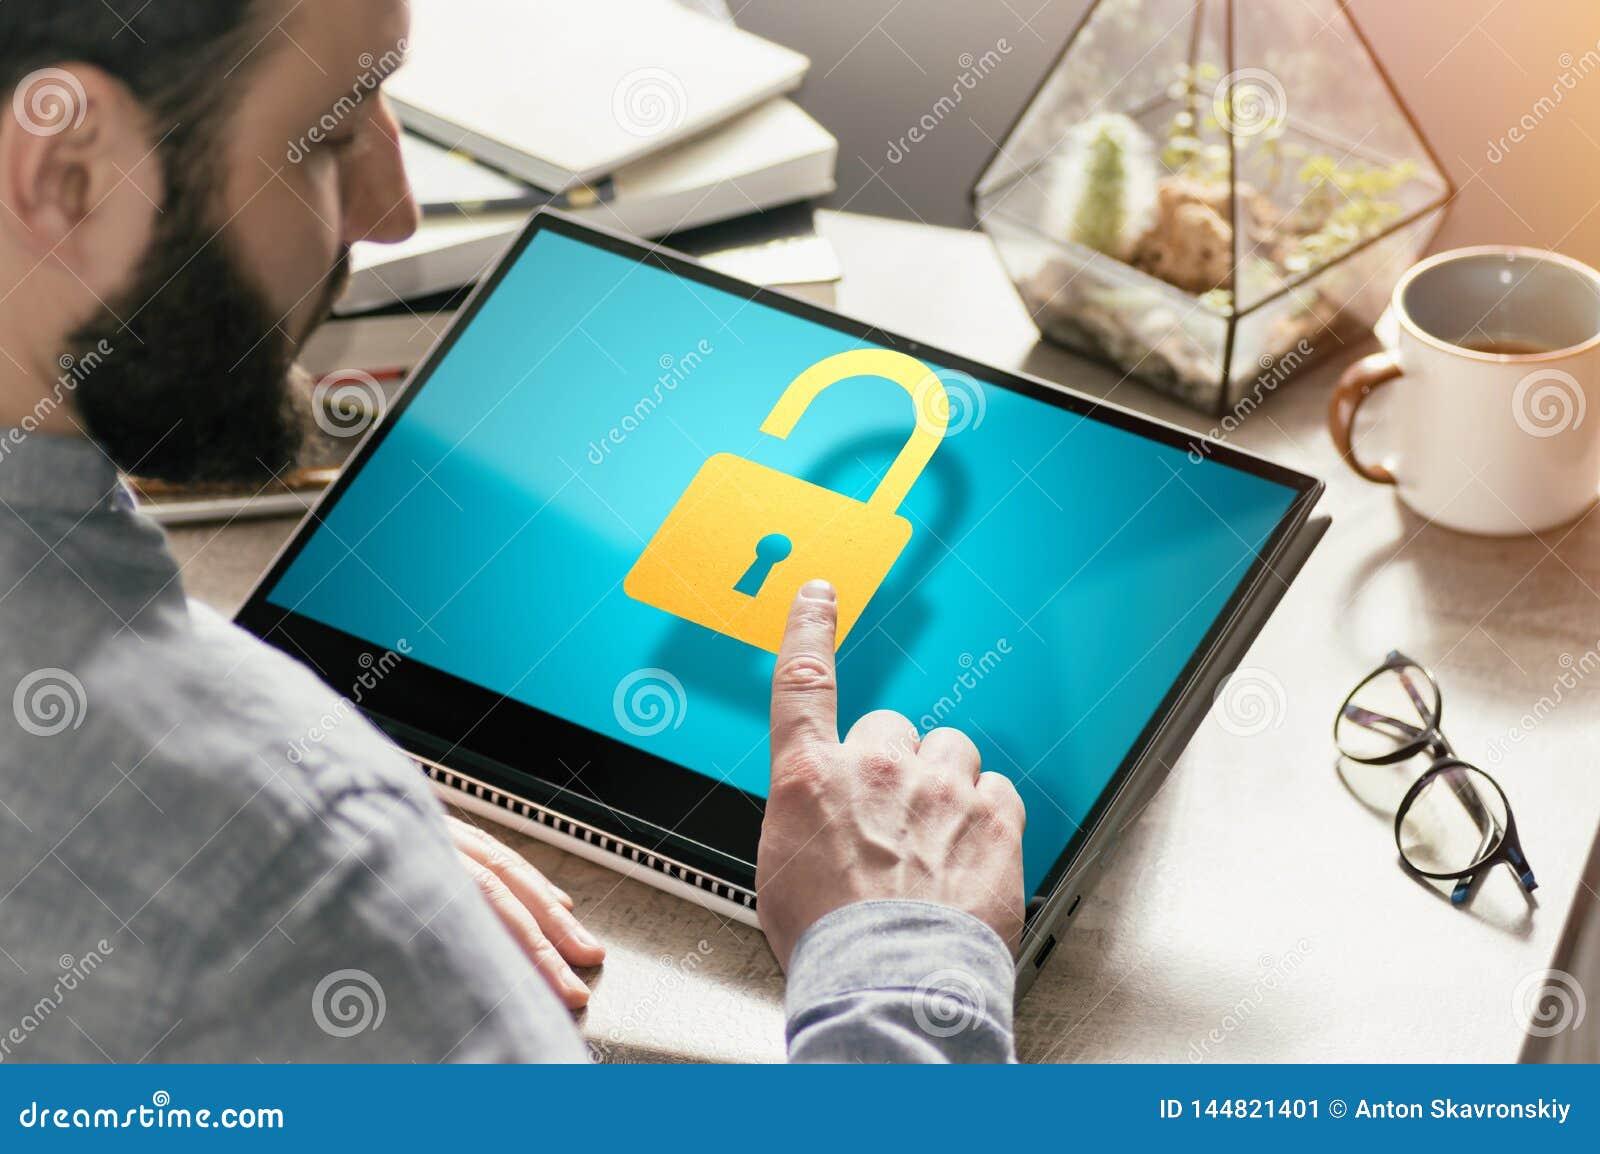 Concetto di protezione dei dati, confidenziale, sicurezza della rete nel web